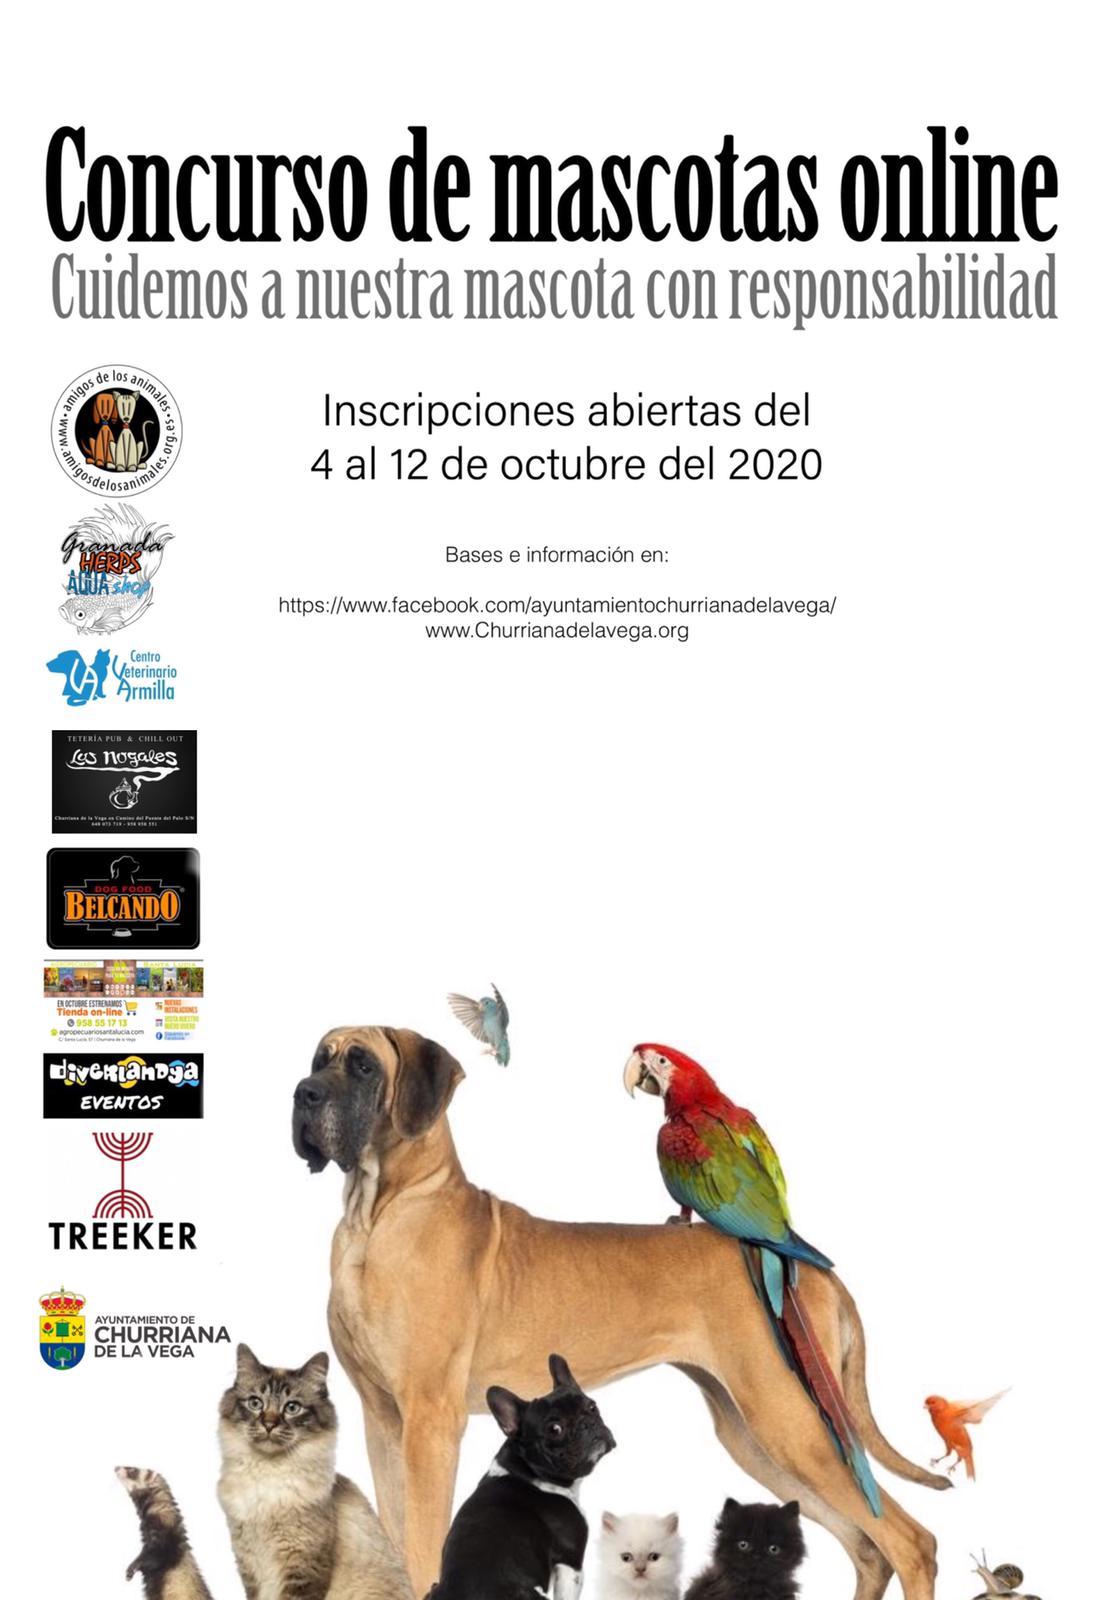 Concurso de mascotas en Churriana de la Vega